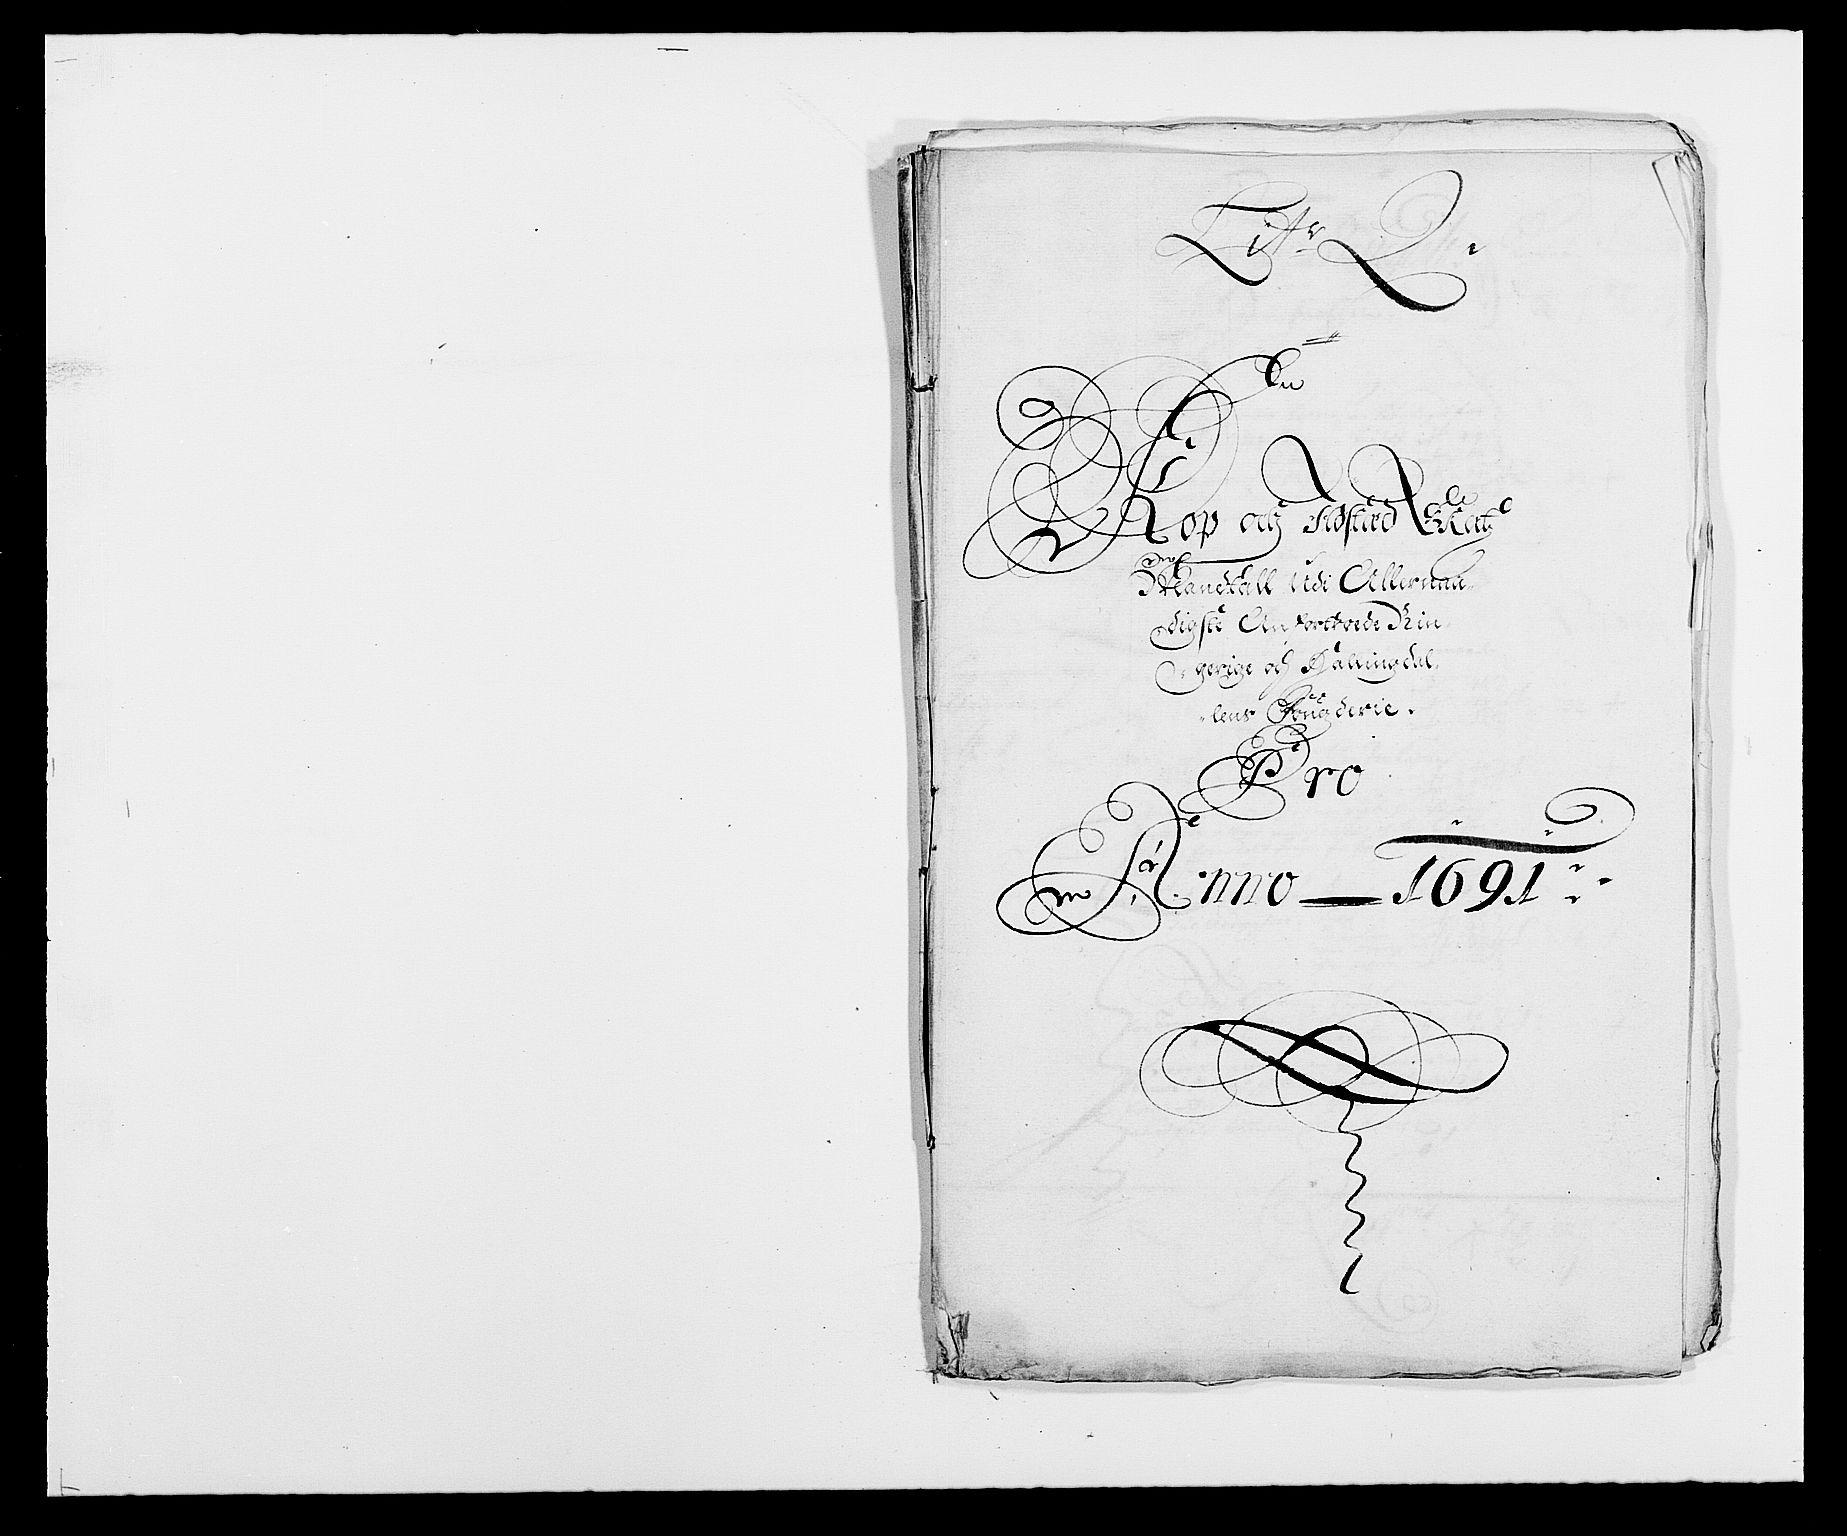 RA, Rentekammeret inntil 1814, Reviderte regnskaper, Fogderegnskap, R21/L1448: Fogderegnskap Ringerike og Hallingdal, 1690-1692, s. 330